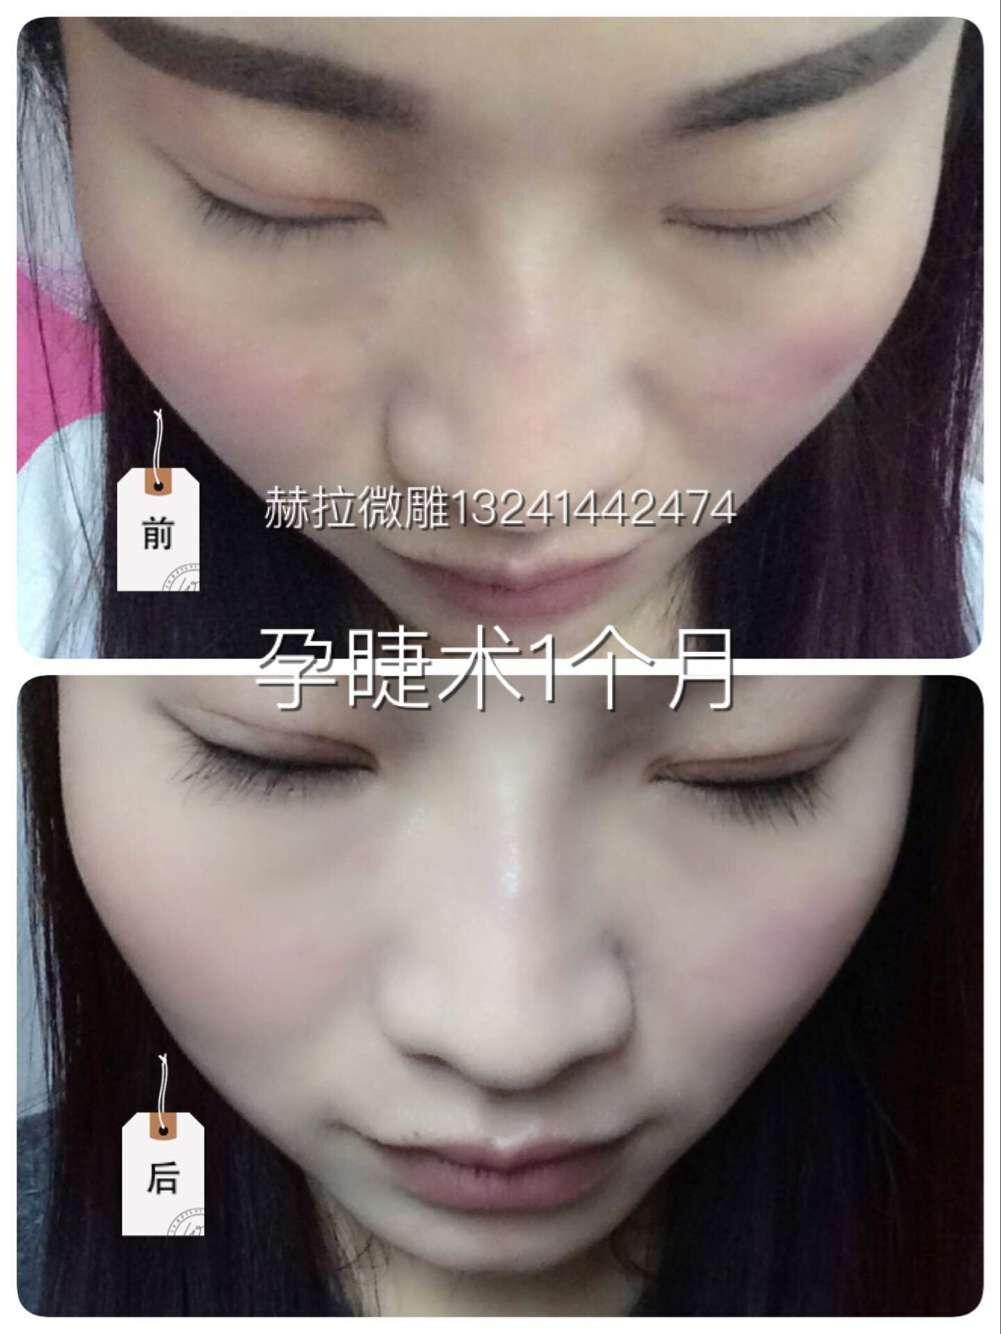 【孕睫术mts皮肤管理培训】孕睫术mts皮肤管理培训